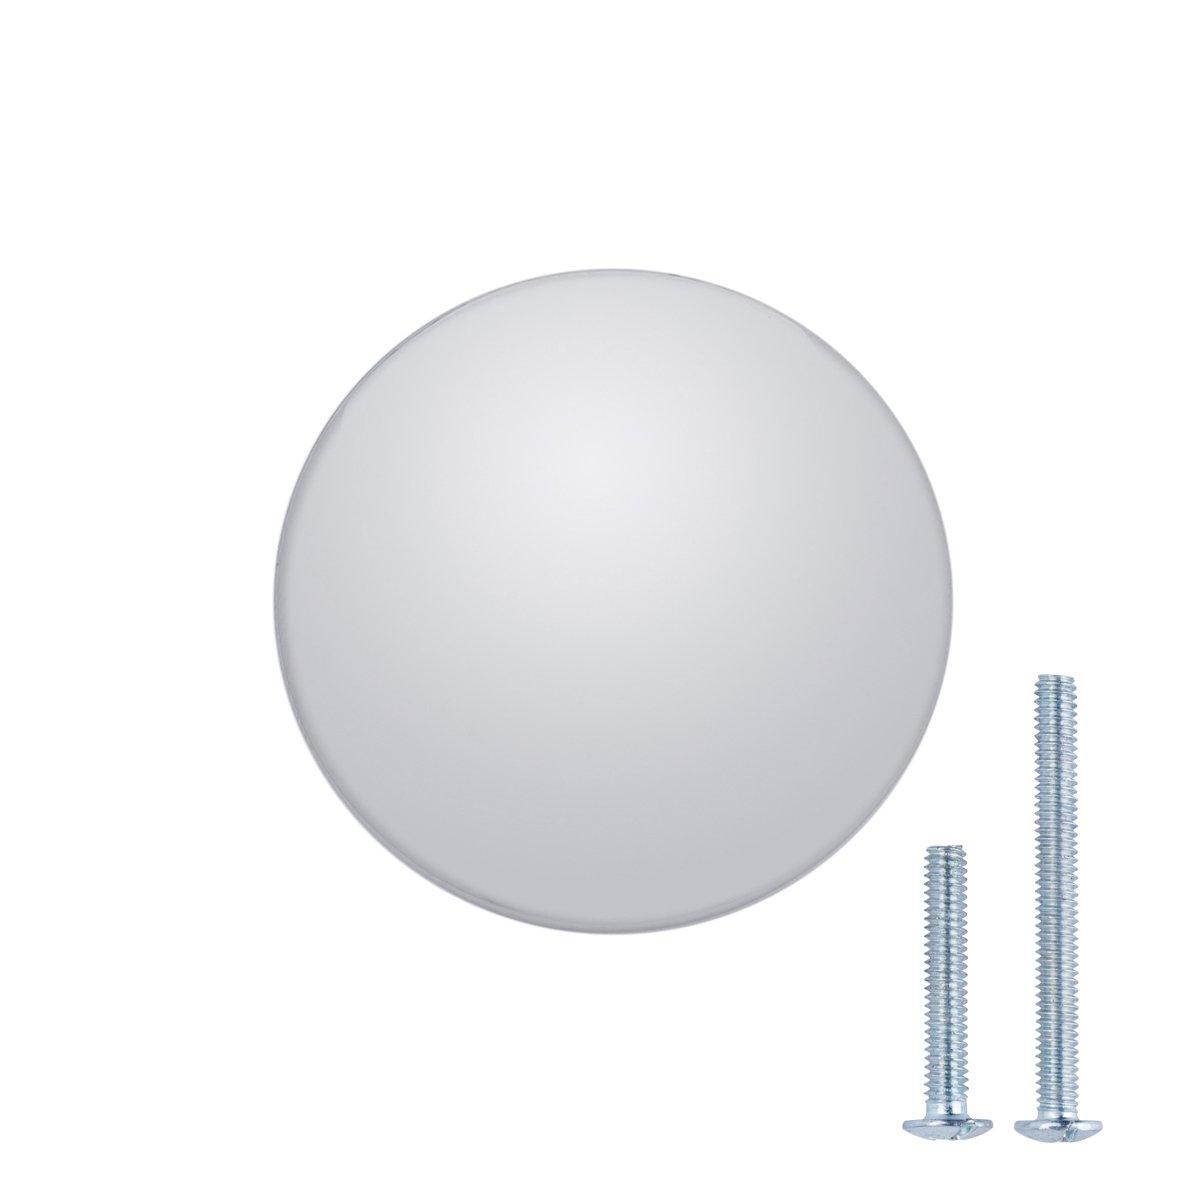 AmazonBasics Round Flat Cabinet Knob, 1.37'' Diameter, Polished Chrome, 25-Pack by AmazonBasics